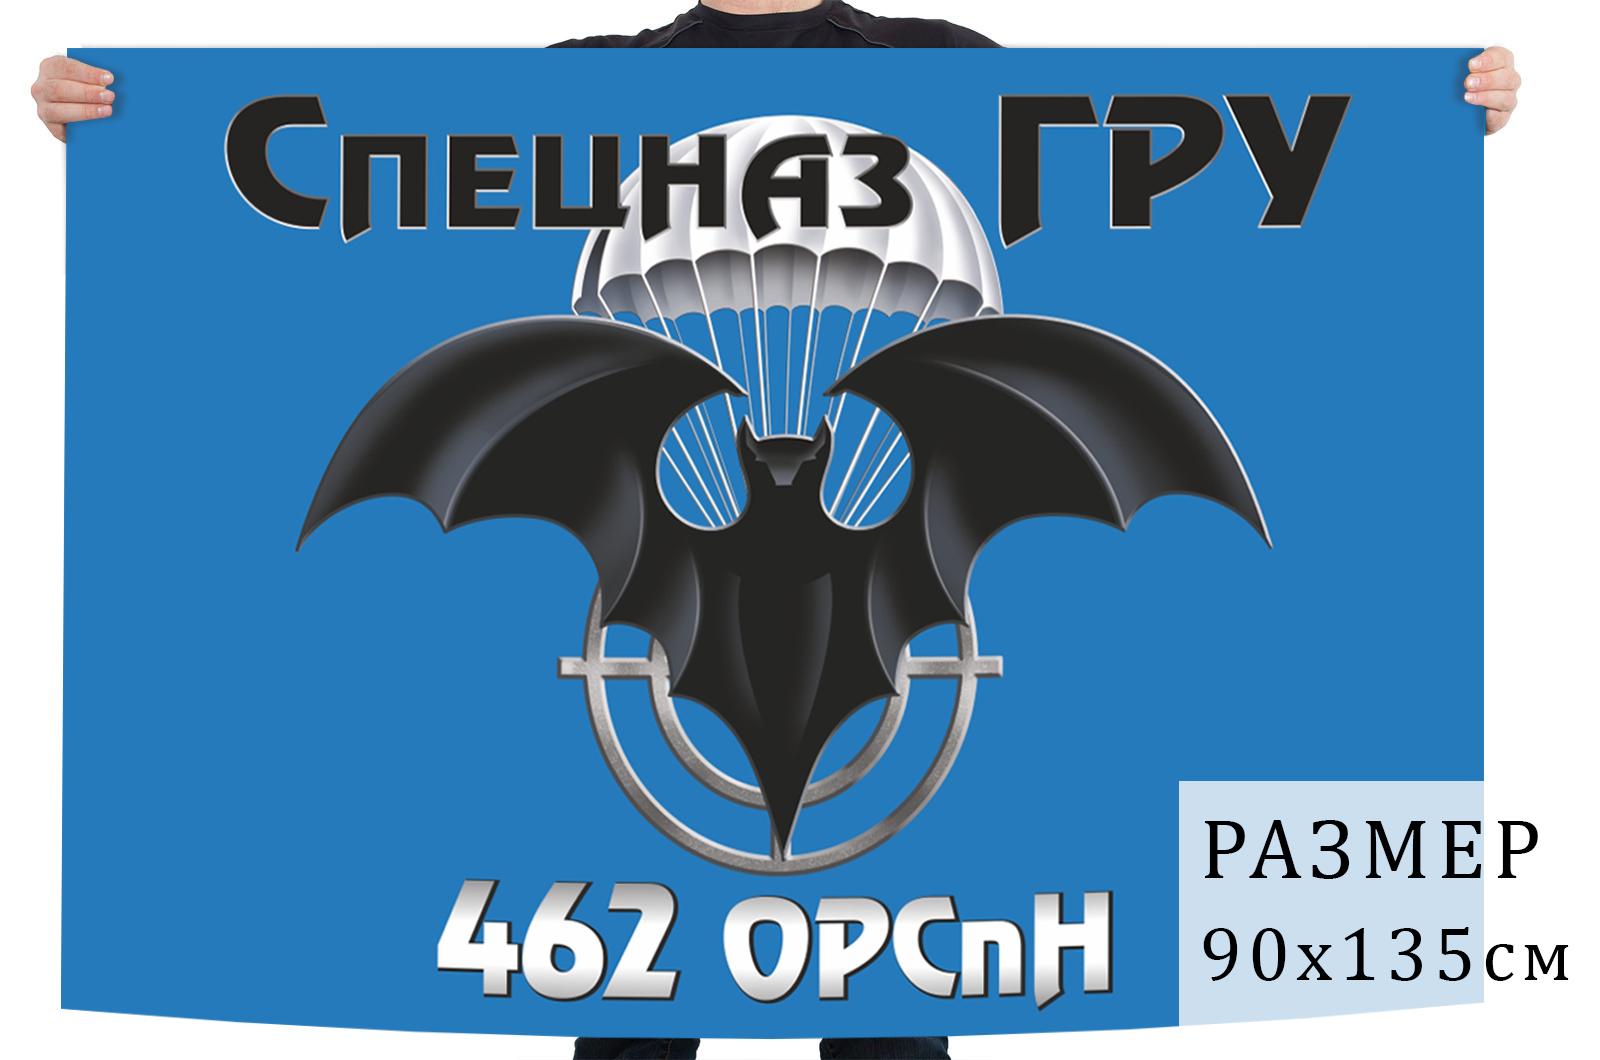 Флаг 462 отдельной роты специального назначения спецназа ГРУ